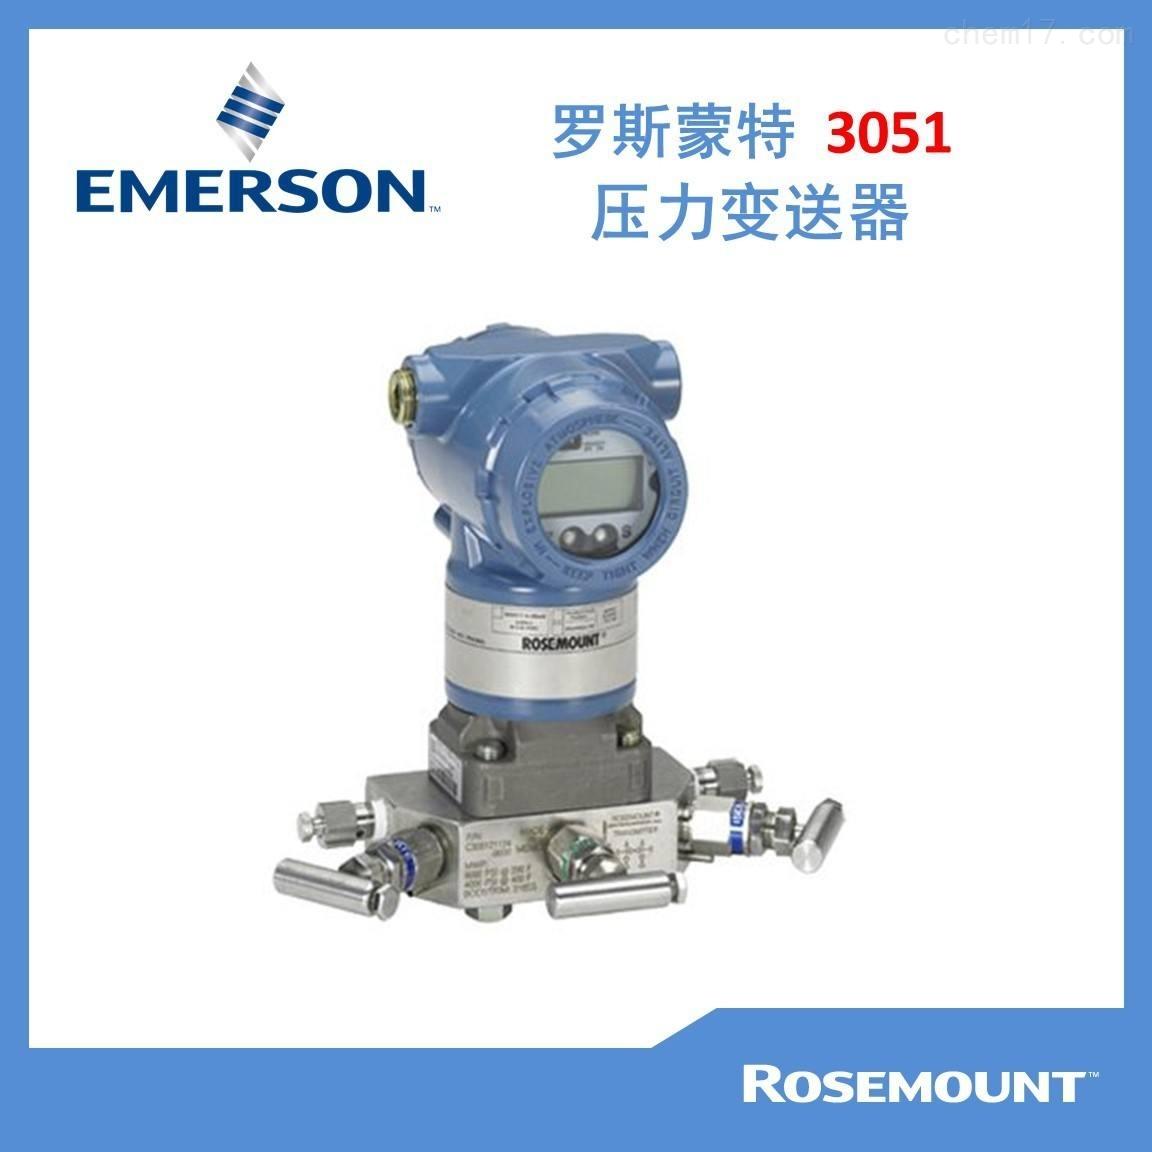 罗斯蒙特™ 3051 差压流量变送器